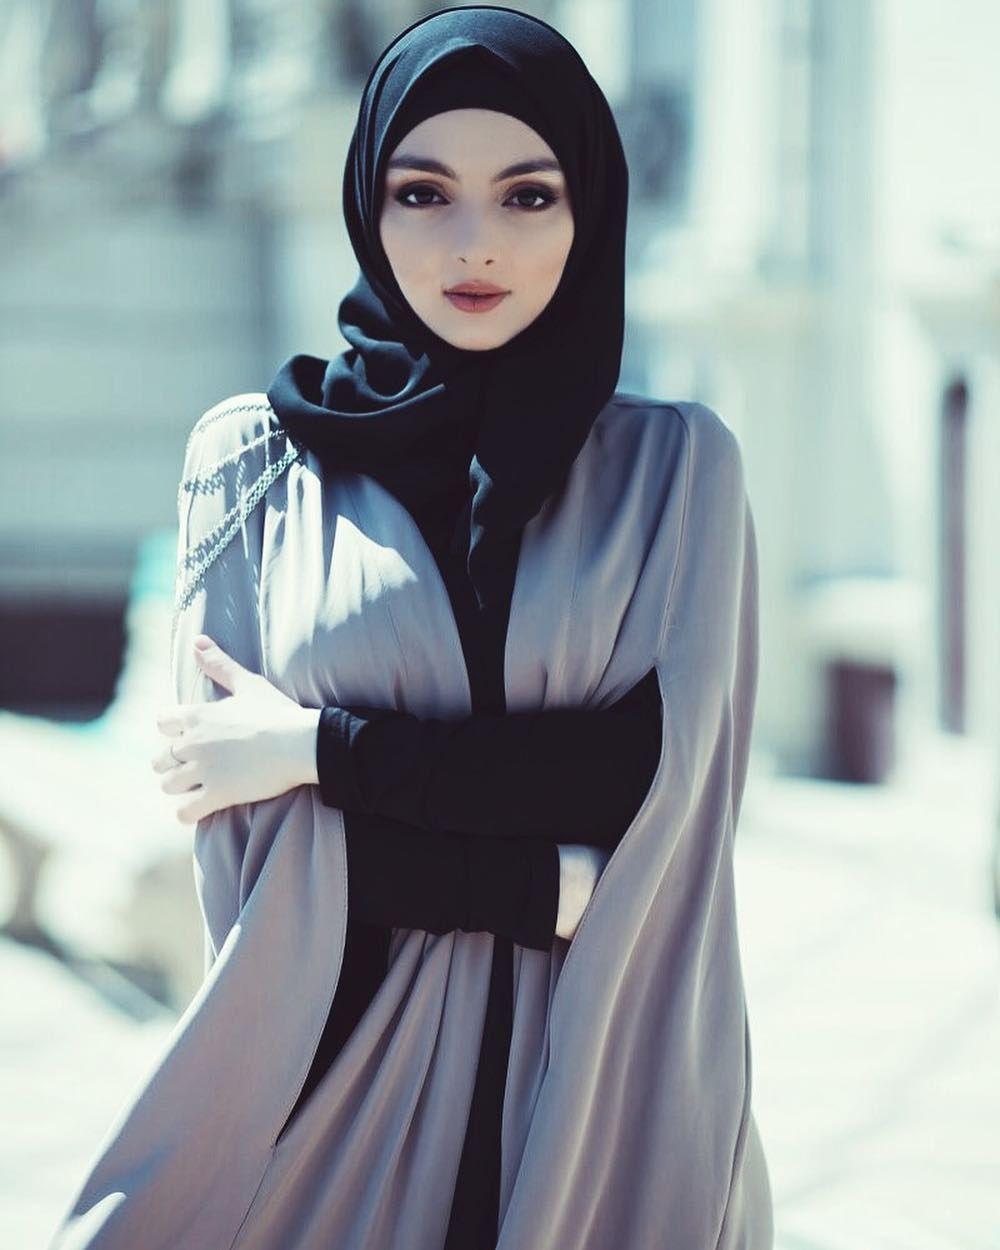 Babe girl beautiful muslim women hot girls penetration